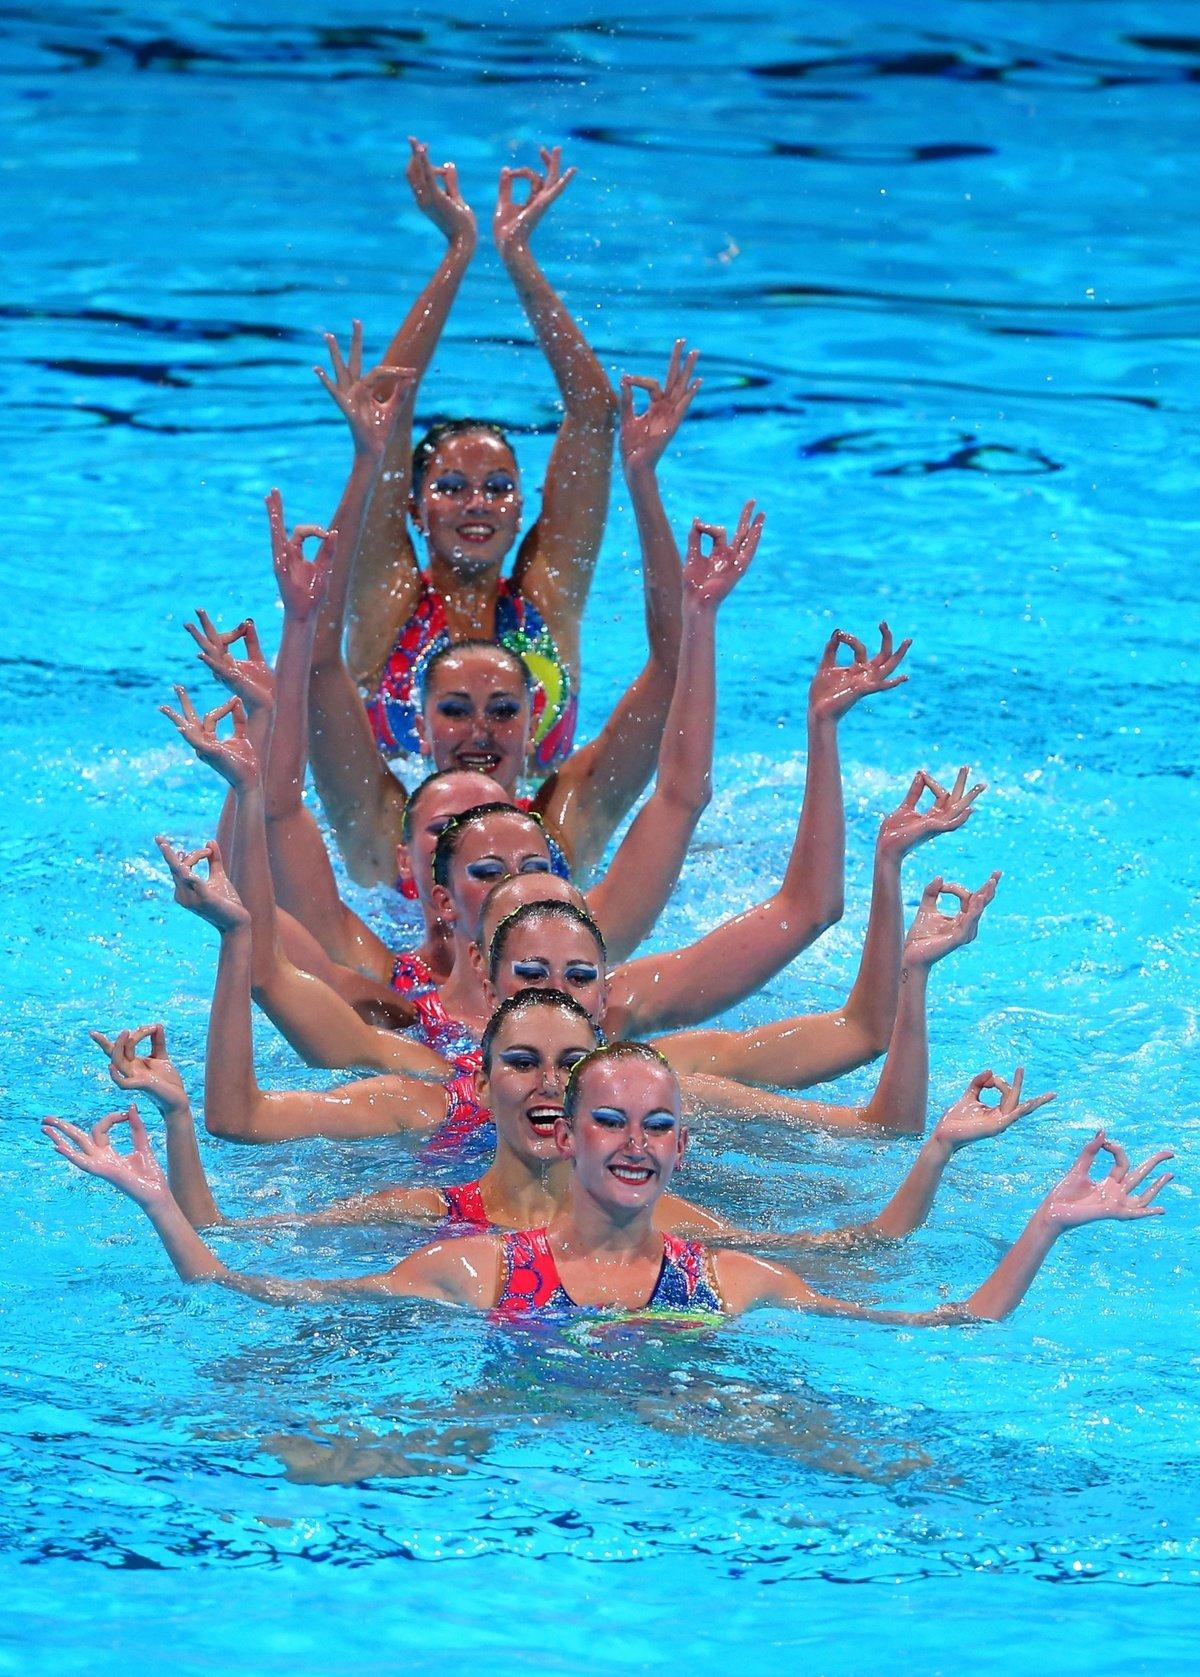 картинки синхронного плавания только